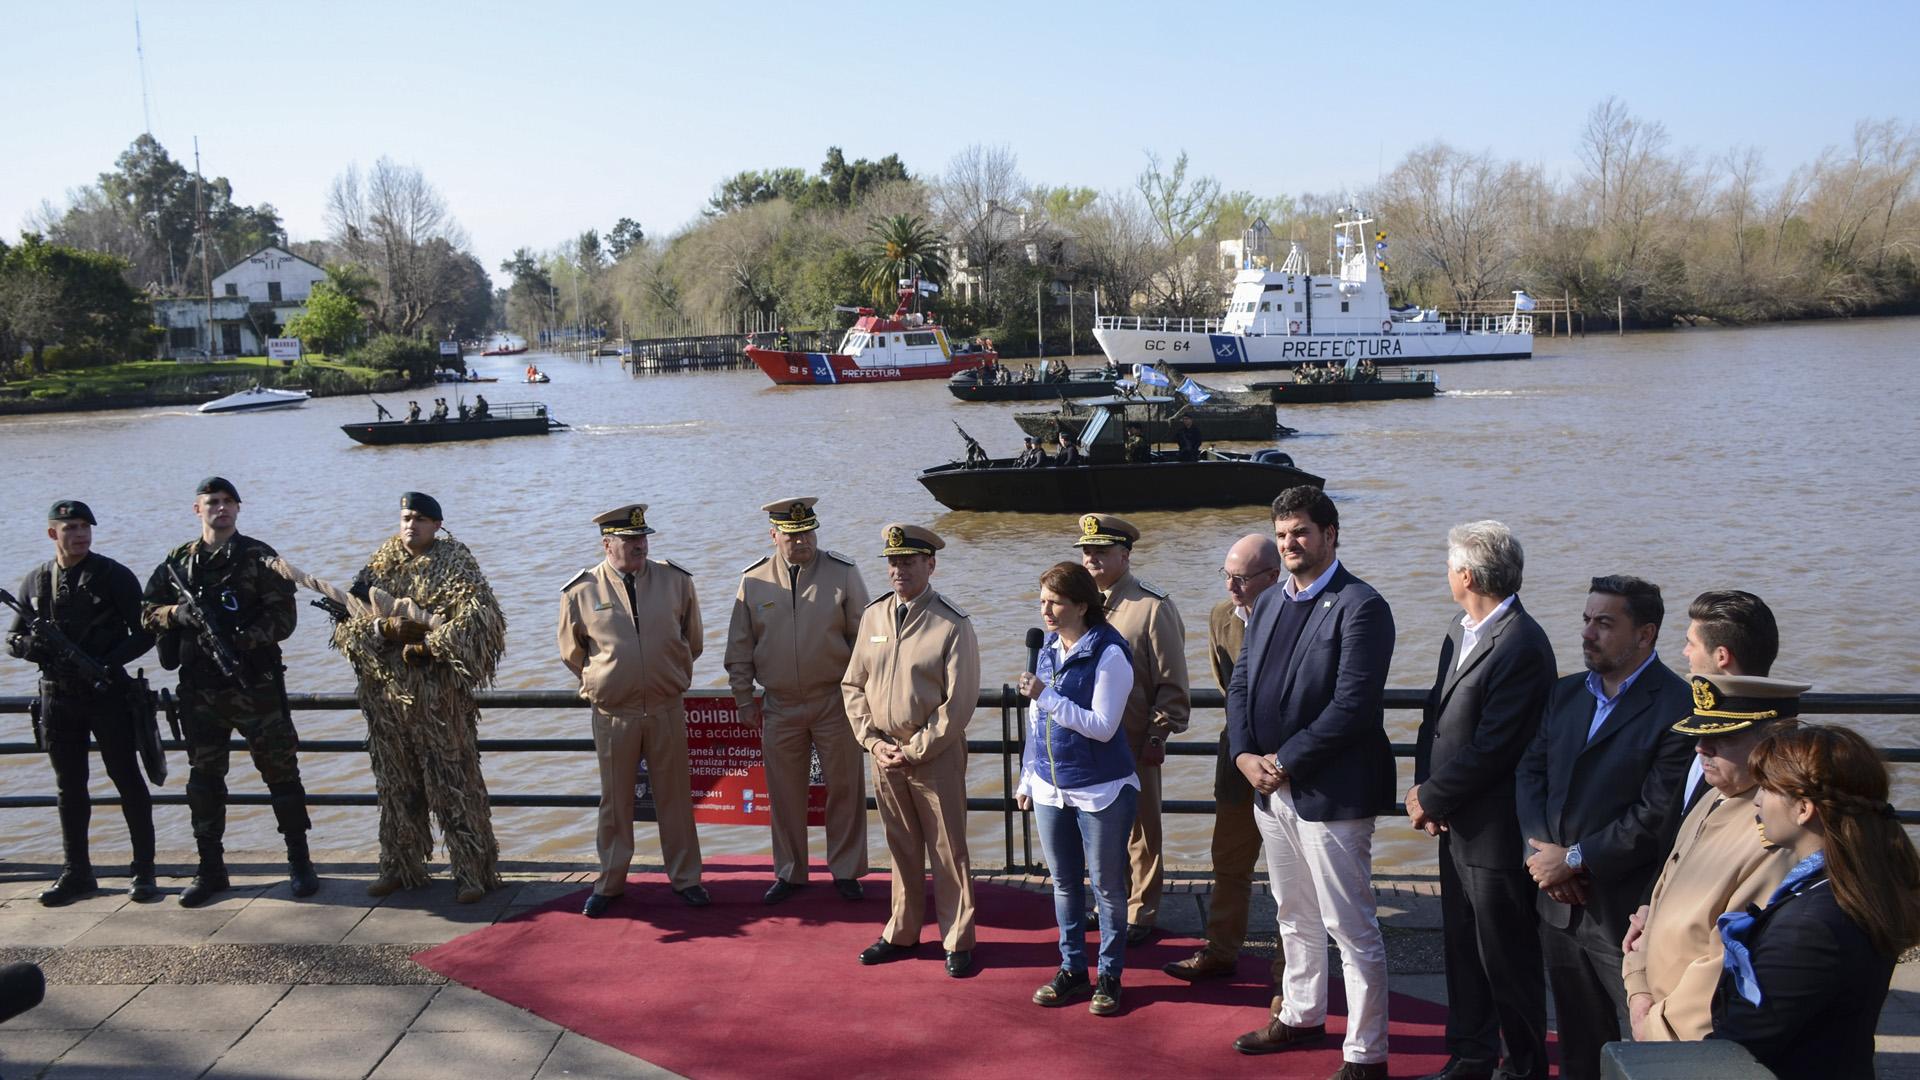 La ministra de Seguridad de la Nación, Patricia Bullrich, junto al jefe de la Prefectura Naval Argentina, Eduardo Scarzello, presentó siete nuevas embarcaciones que serán utilizadas por la fuerza federal para reforzar la lucha contra los delitos complejos